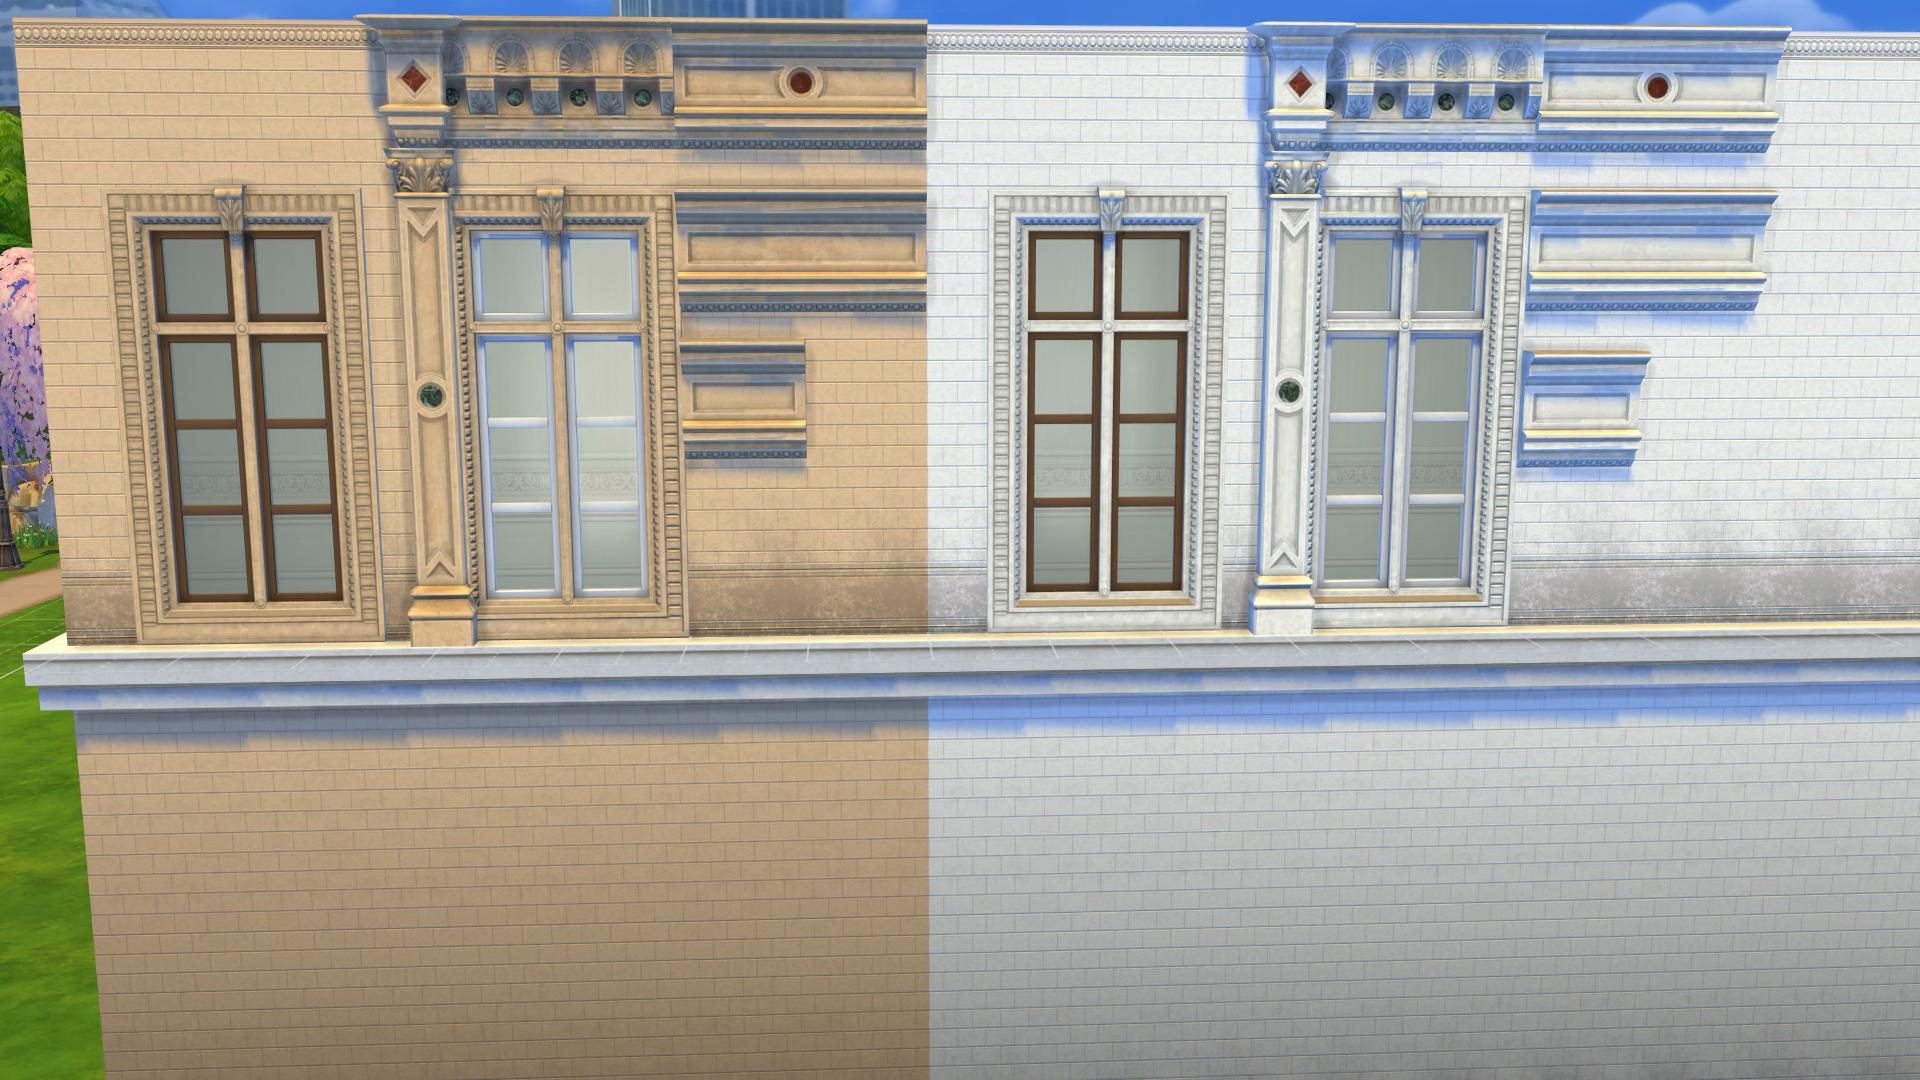 Felixandre s Atelier Sims 4 Studio TS4 Pinterest